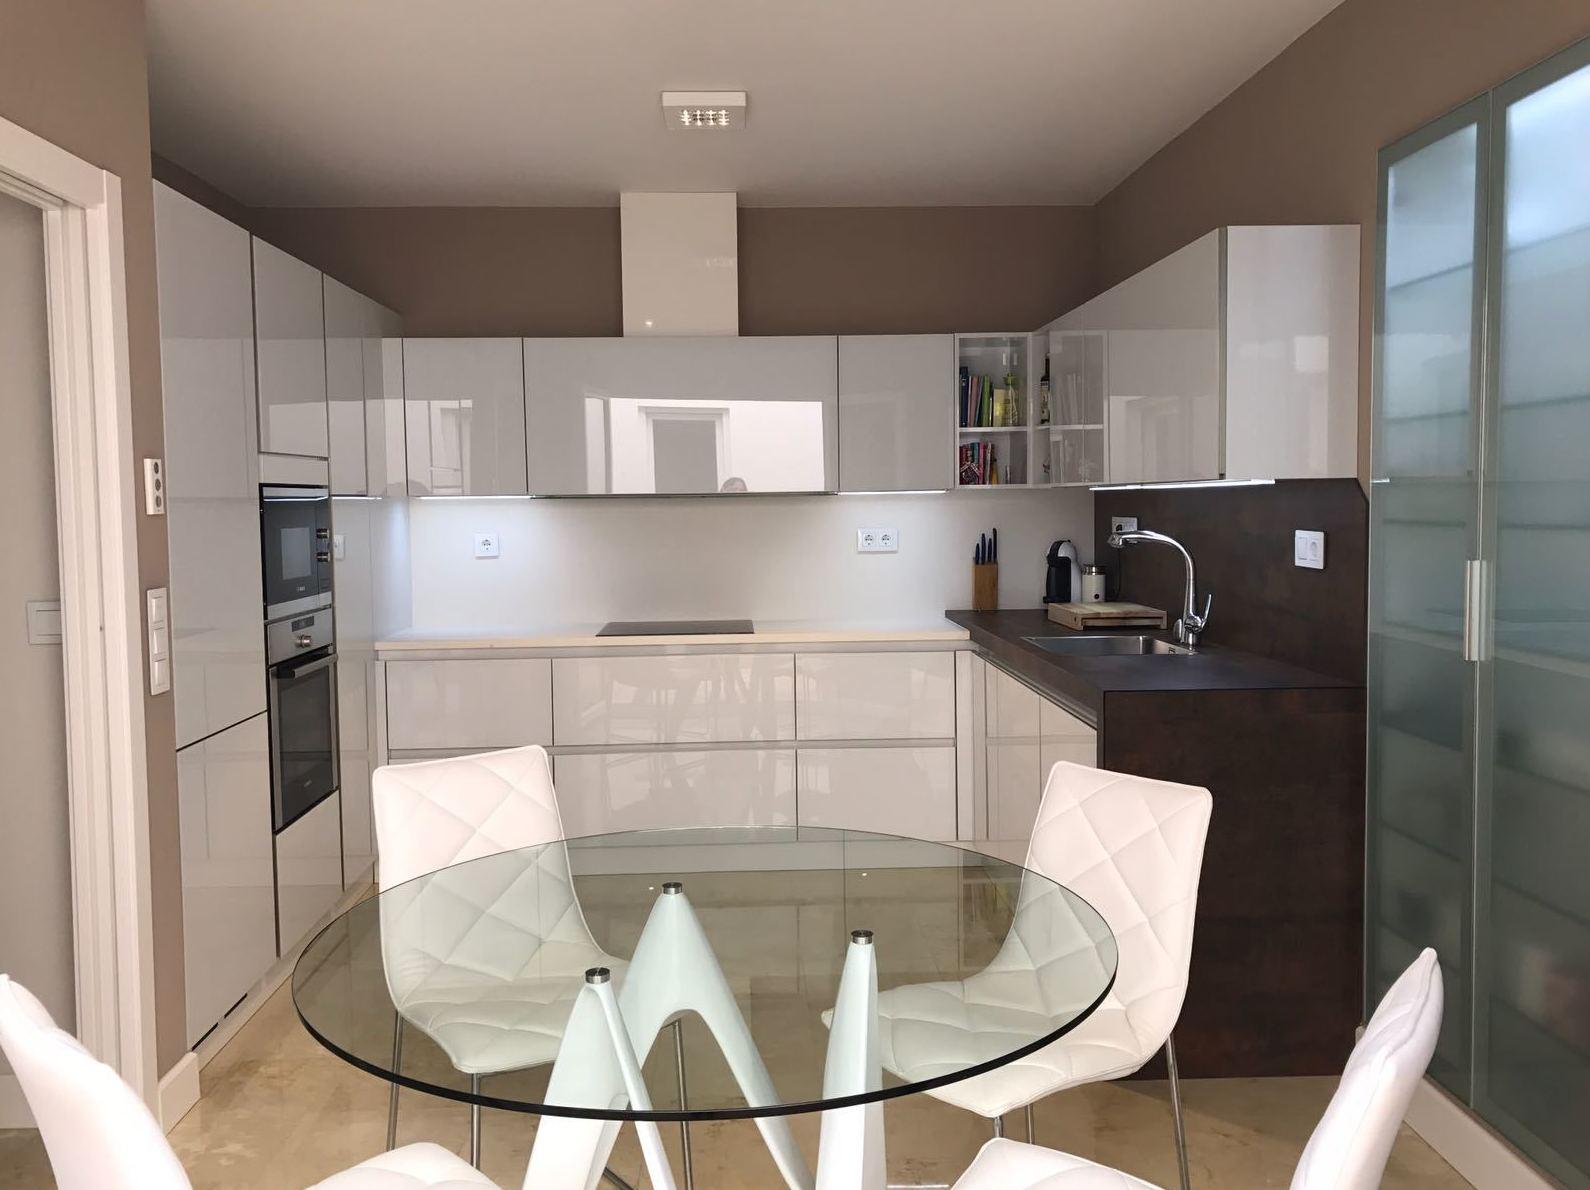 Foto 21 de Muebles de cocina en  | Diseño Cocina